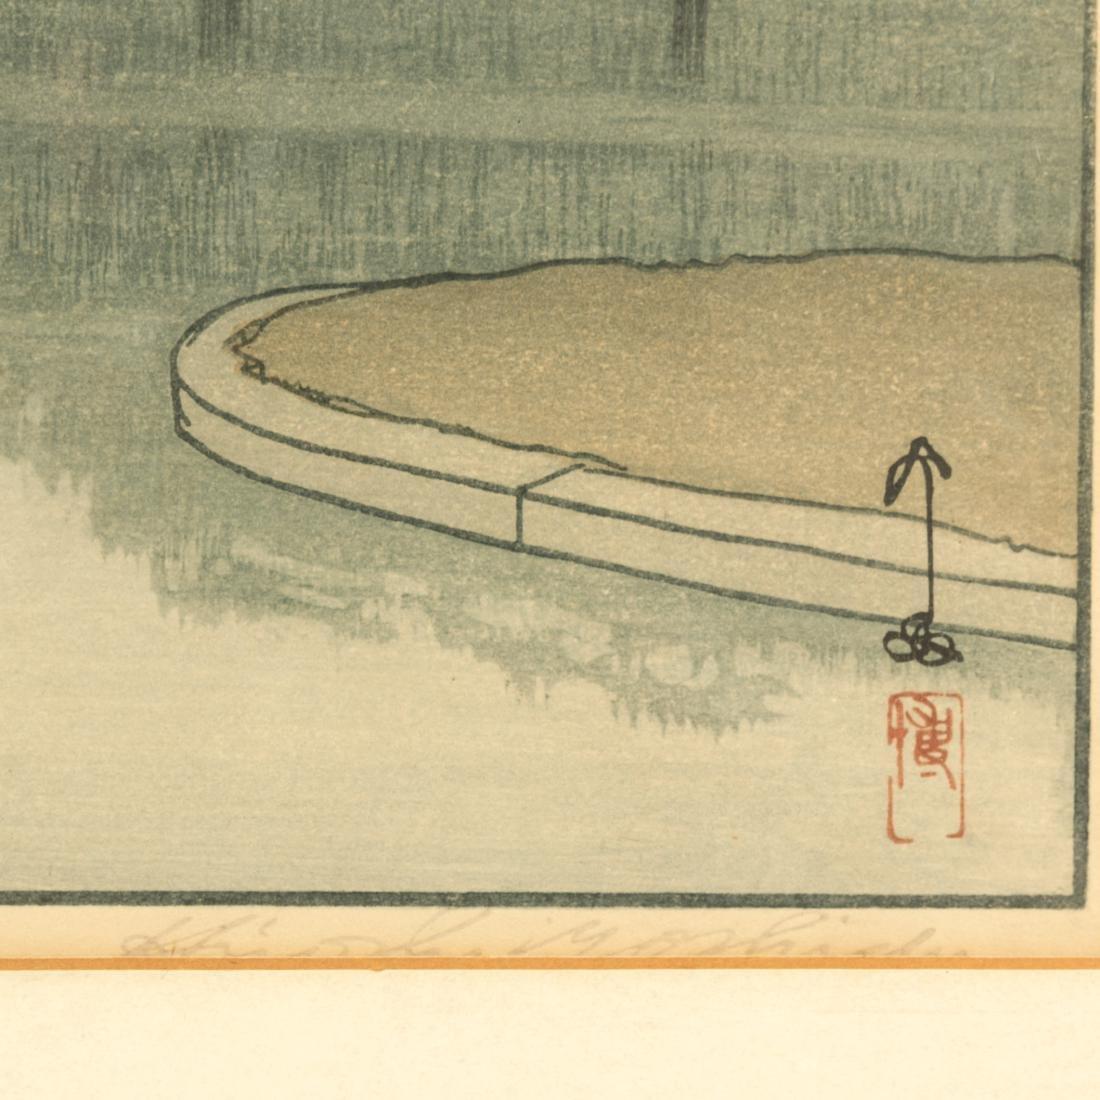 Hiroshi Yoshida - Ryu Honmura - Woodblock - 4